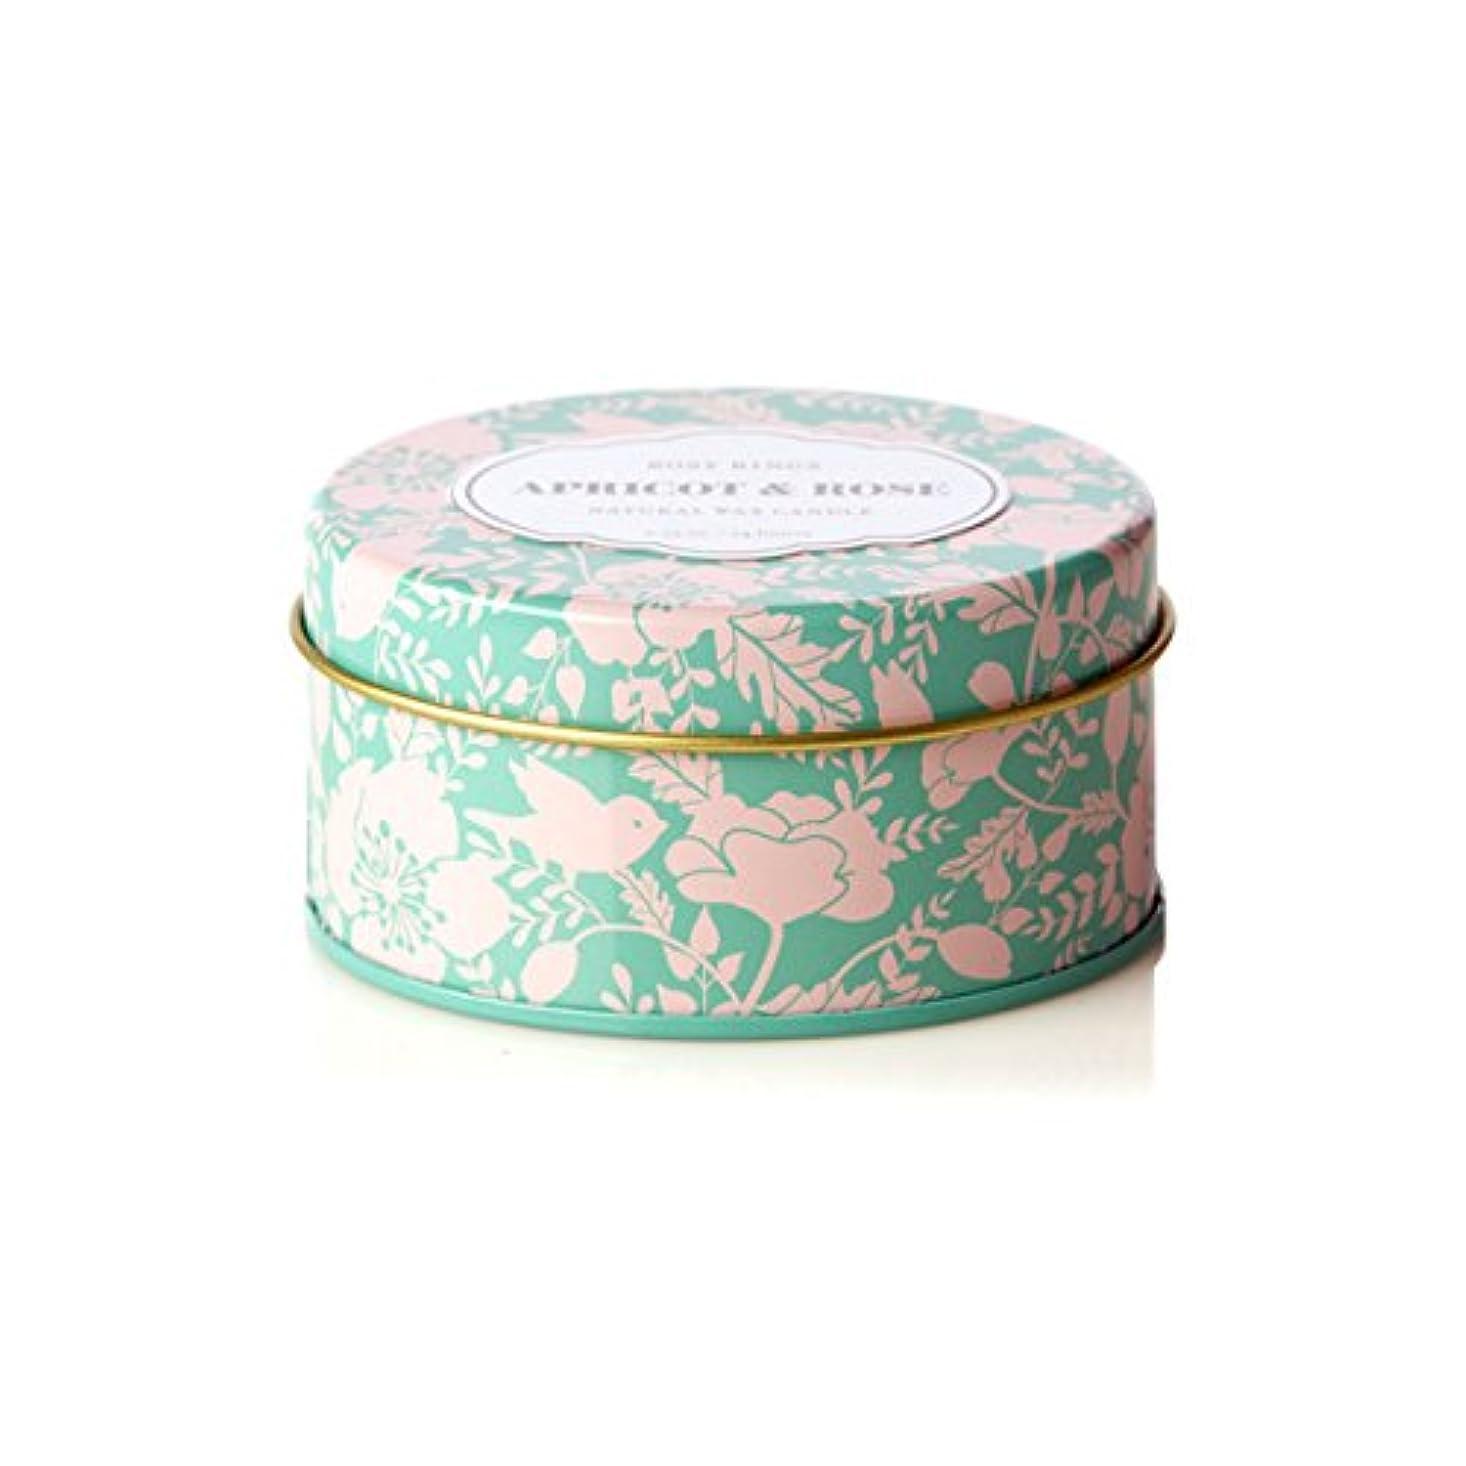 混乱したパンツ輝くロージーリングス トラベルティンキャンドル アプリコット&ローズ ROSY RINGS Apricot Rose Travel Tin